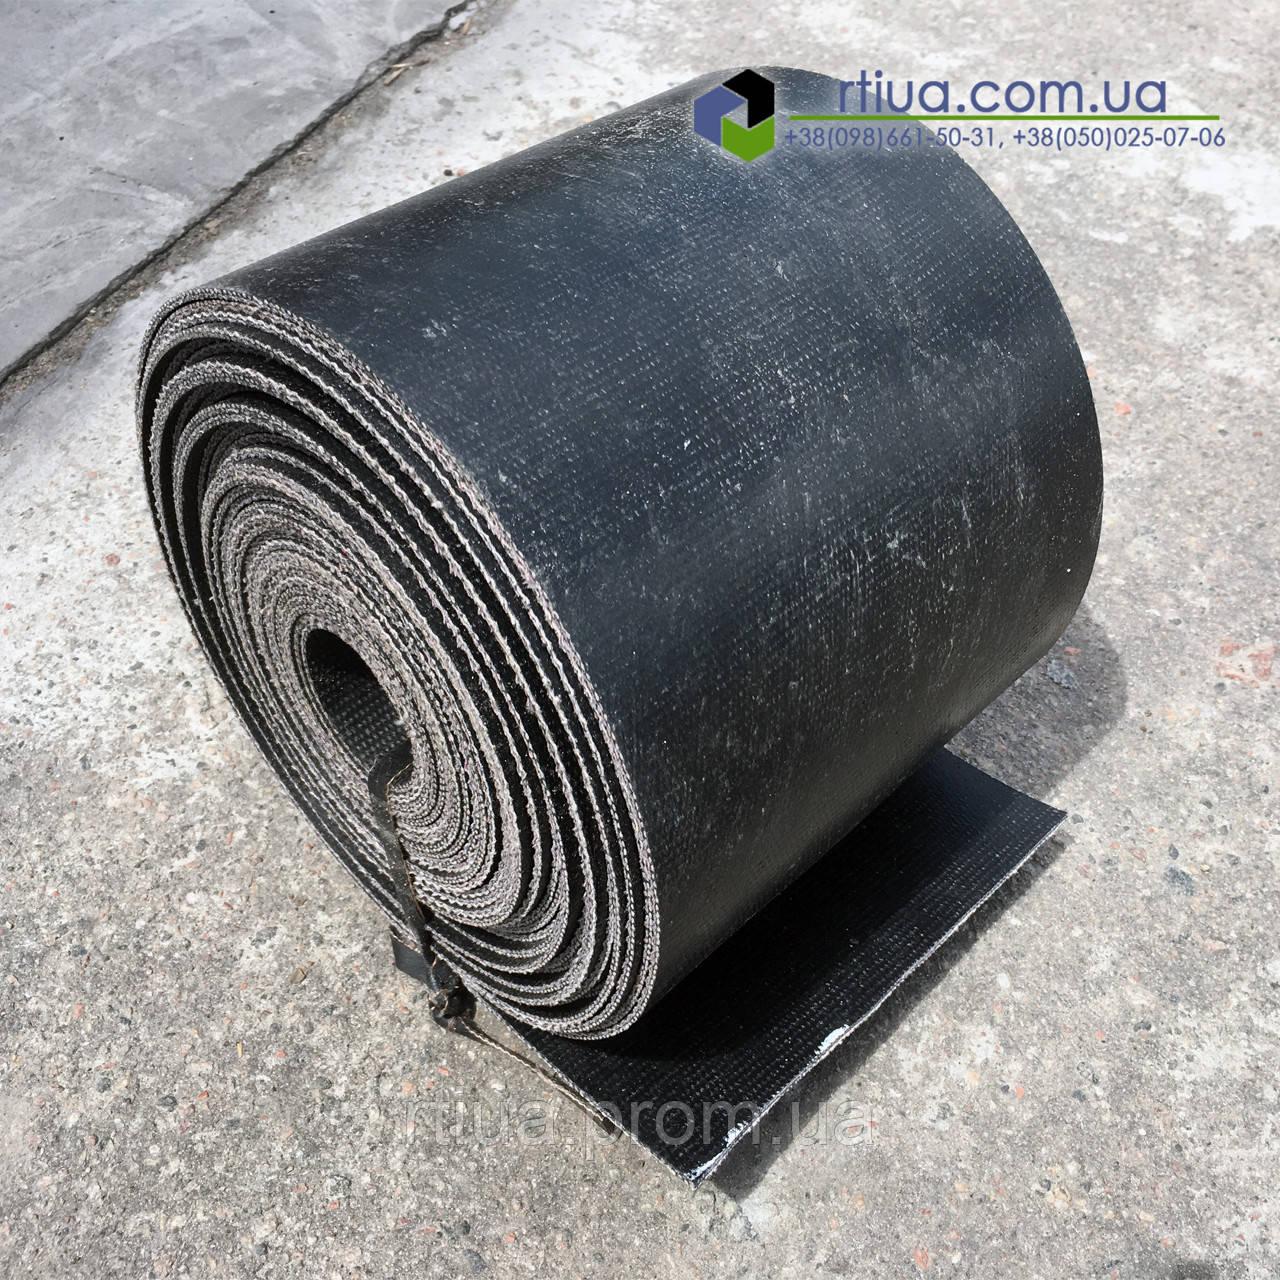 Транспортерная лента БКНЛ, 800х3 мм